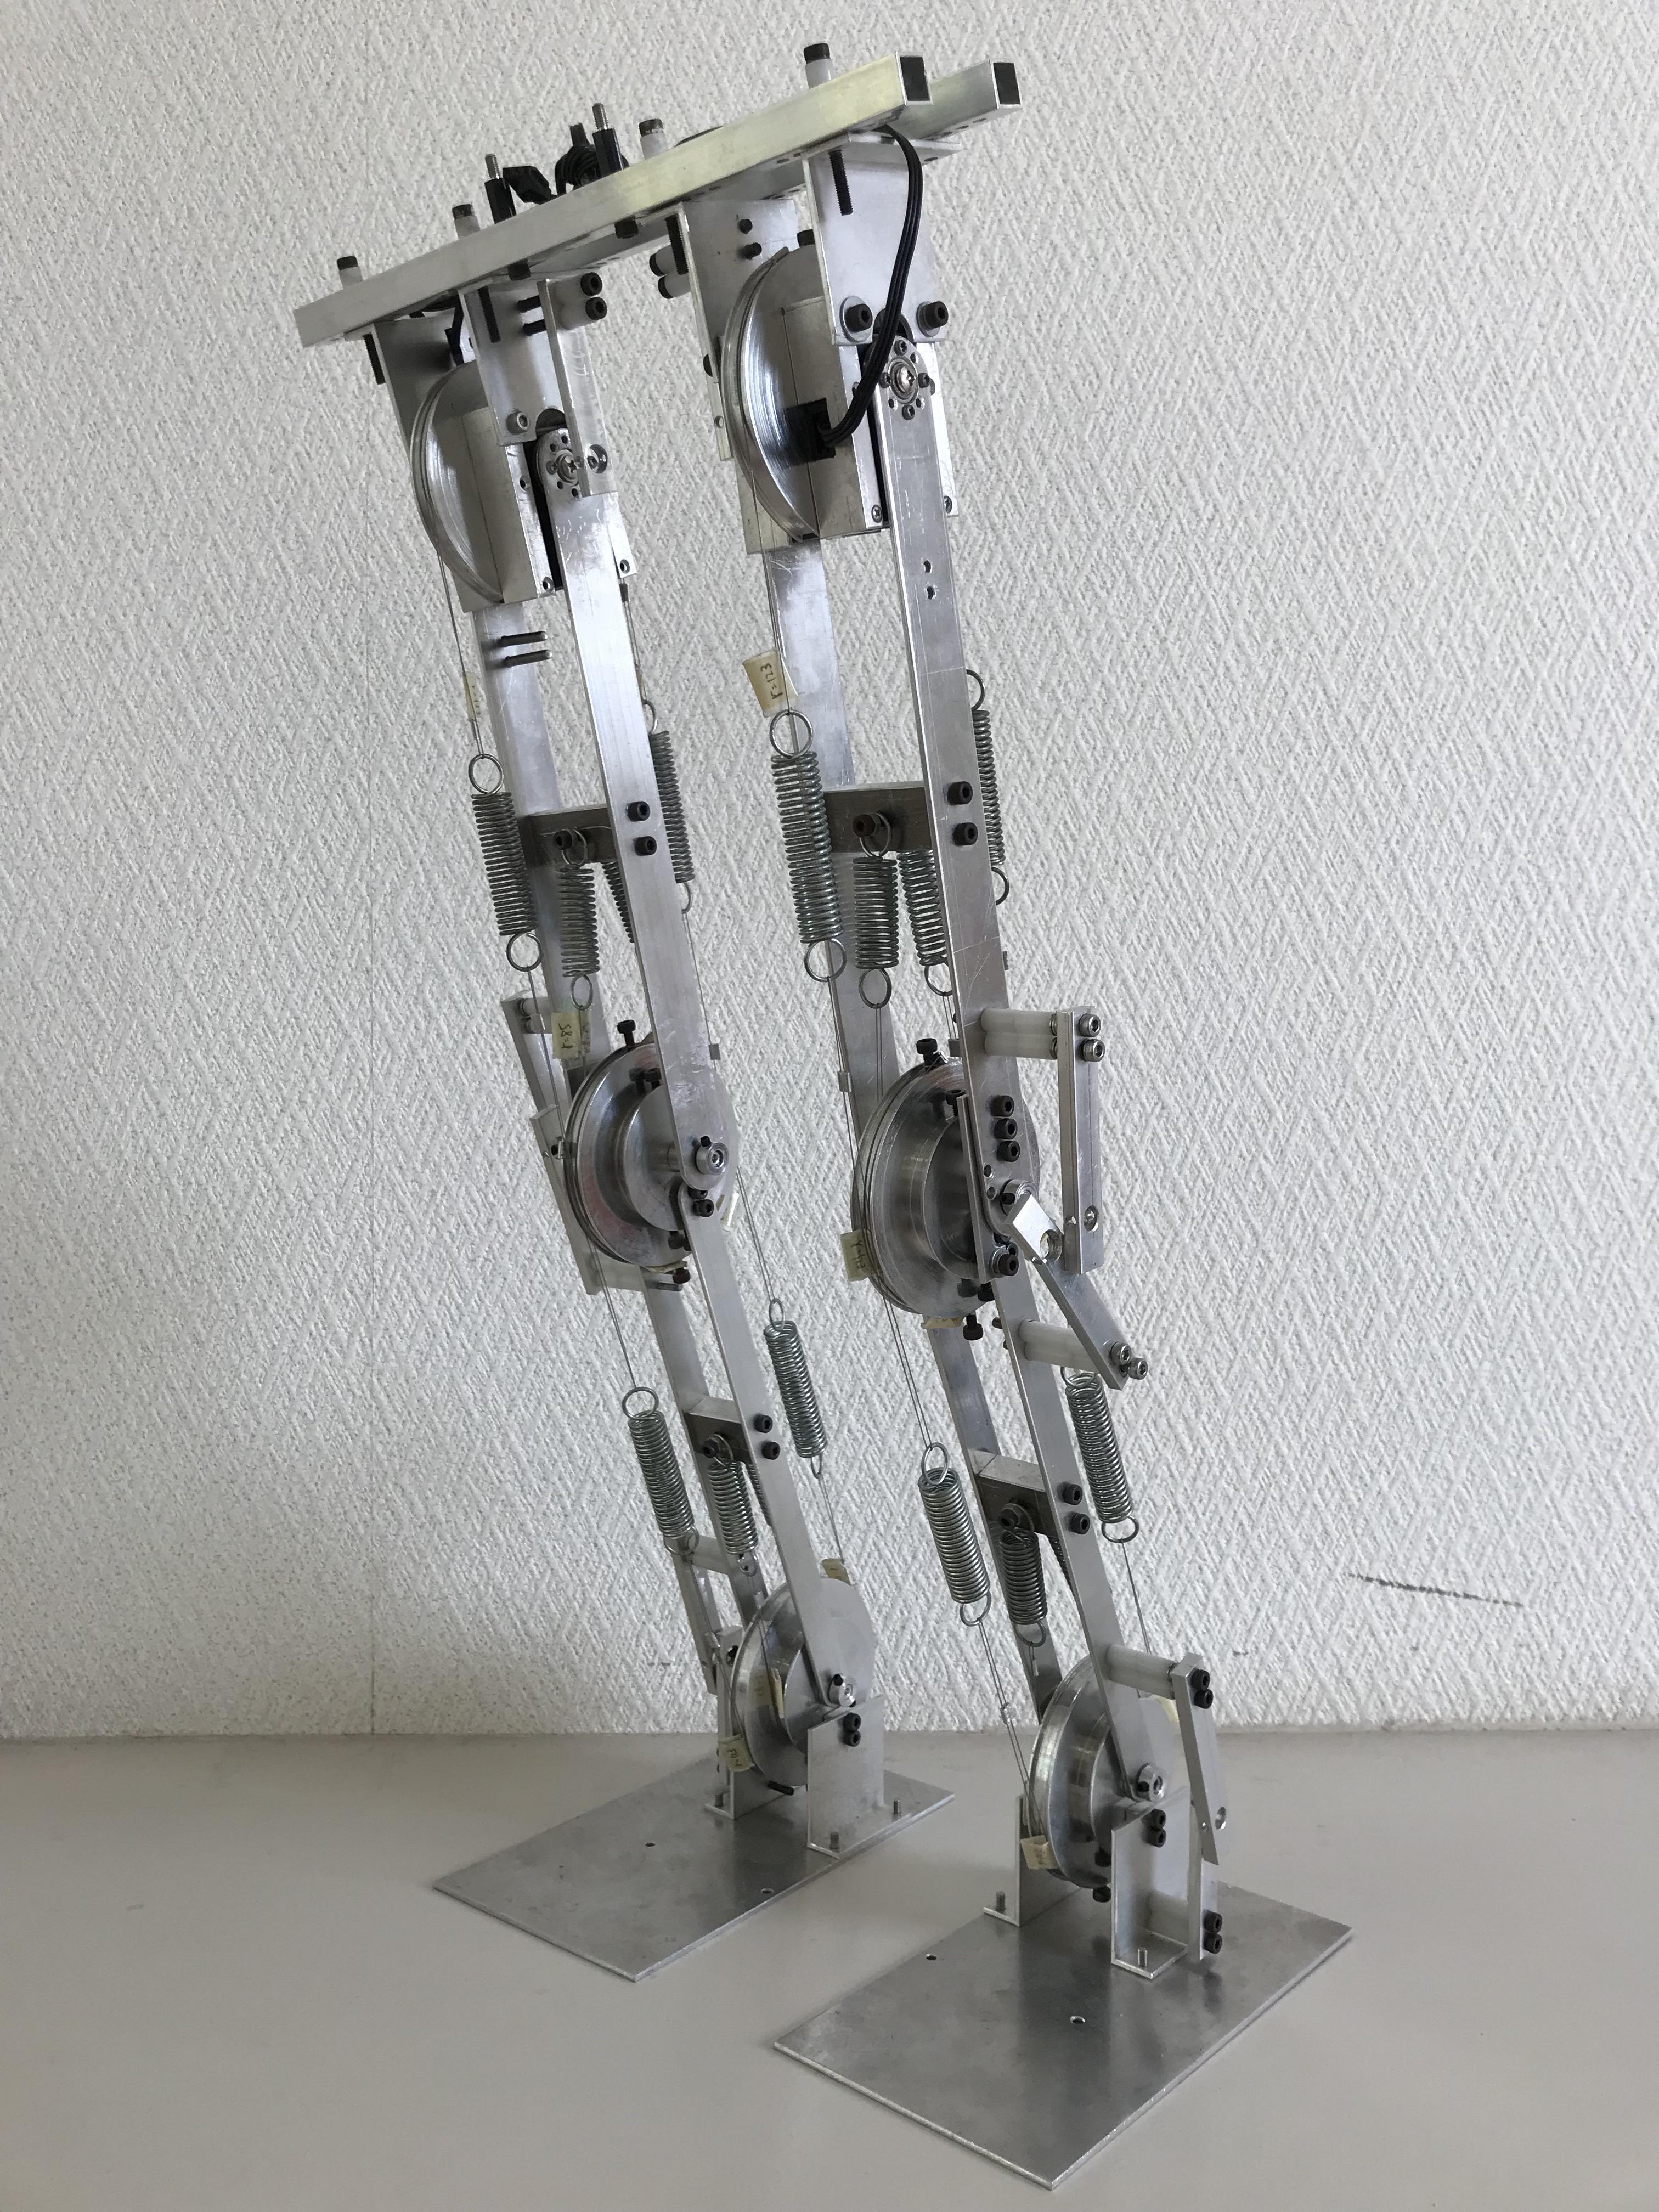 陸上四肢動物の上下肢の動作原理を模擬。脳卒中片麻痺患者などを対象とした新しいリハビリ用長下肢歩行補助装具の開発を開始。金沢工業大学佐藤隆一教授の研究グループ。